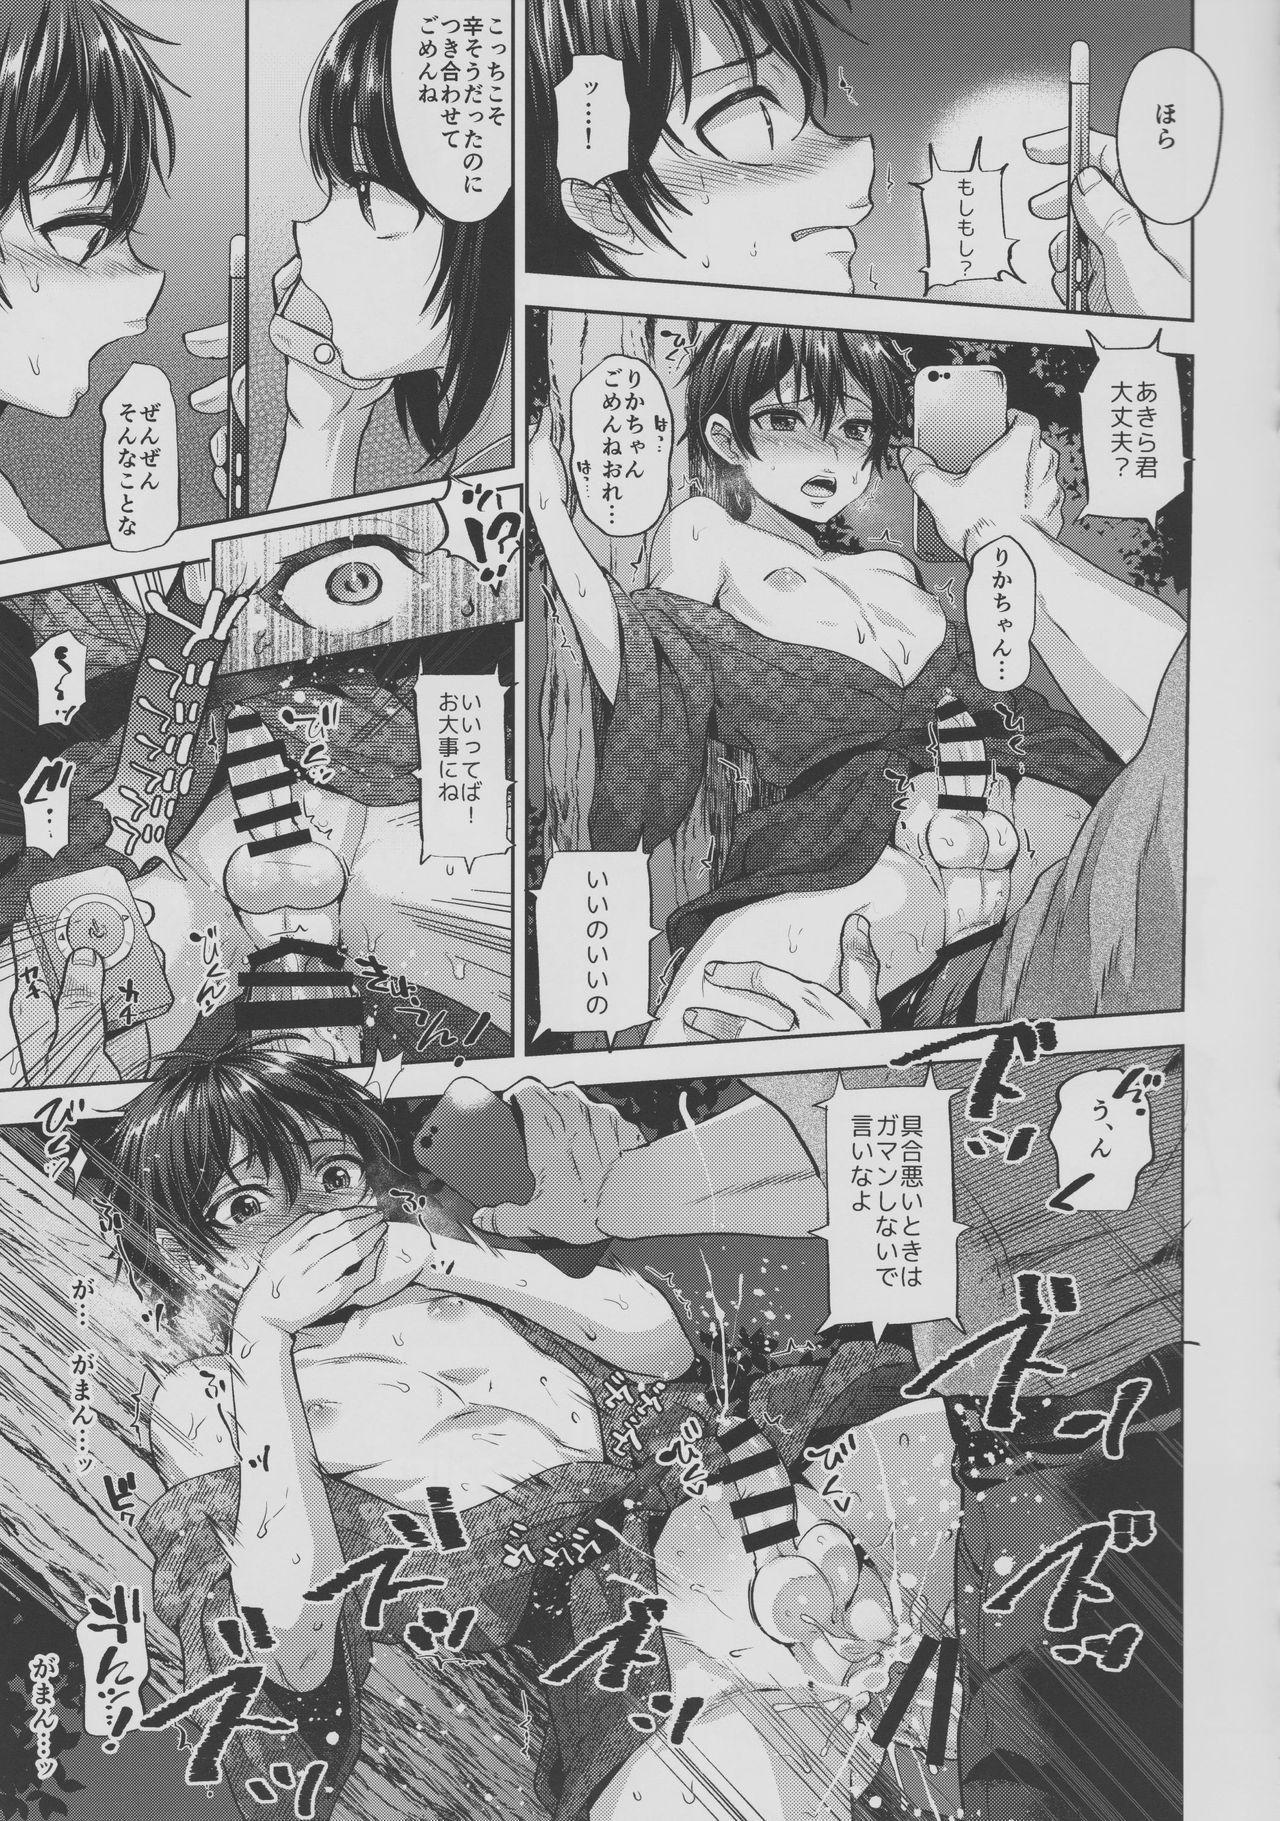 Hanabi no Yoru no Himitsu 21